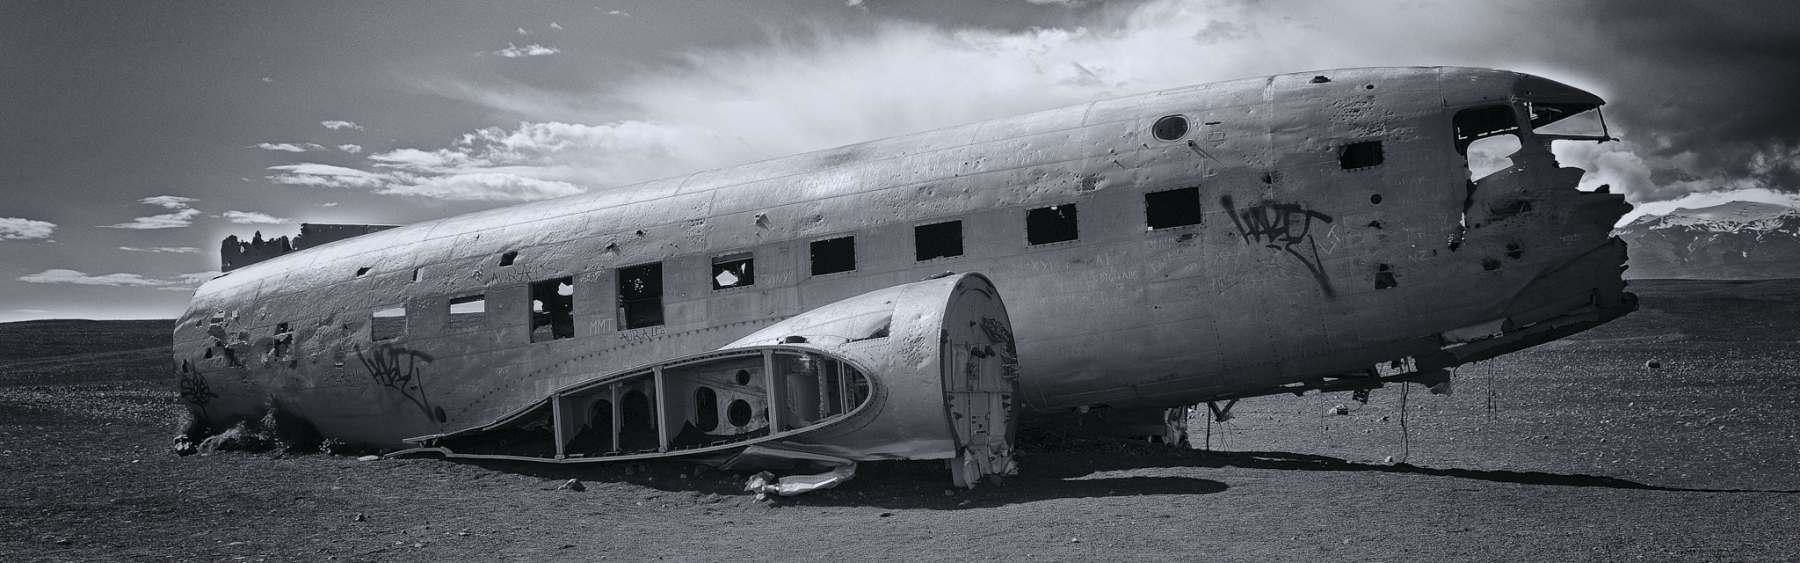 Islande-Avion-2048-92